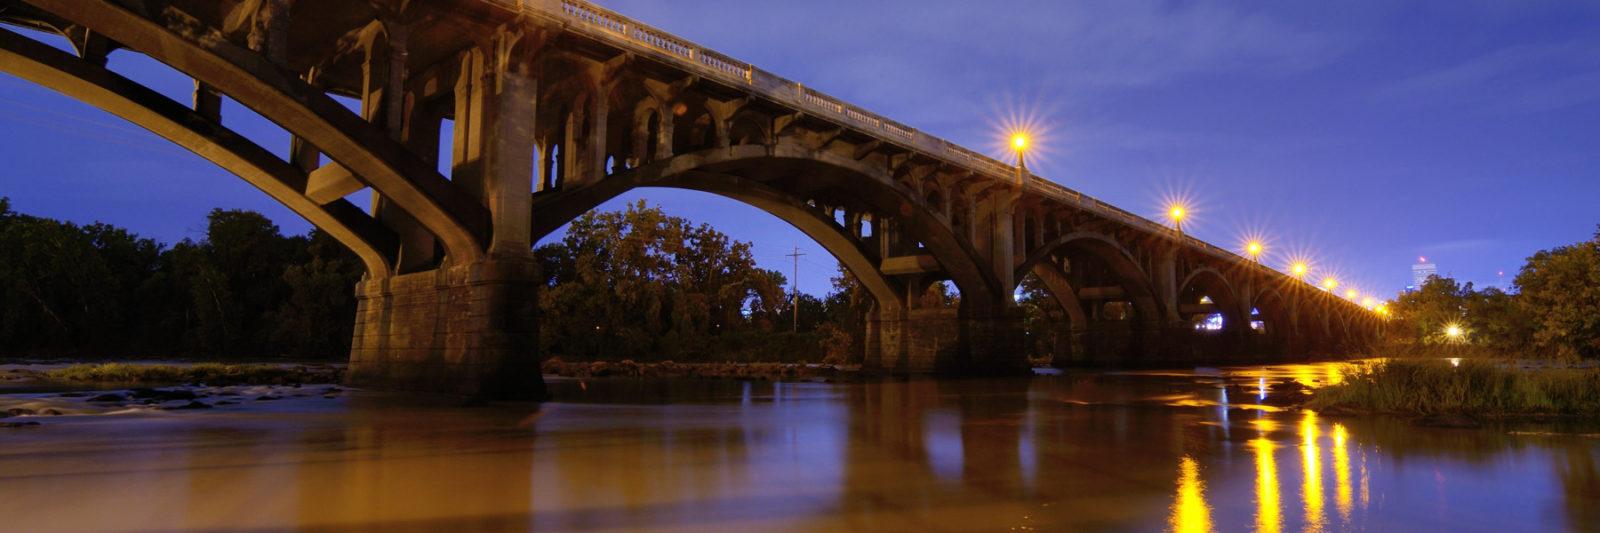 bridge600